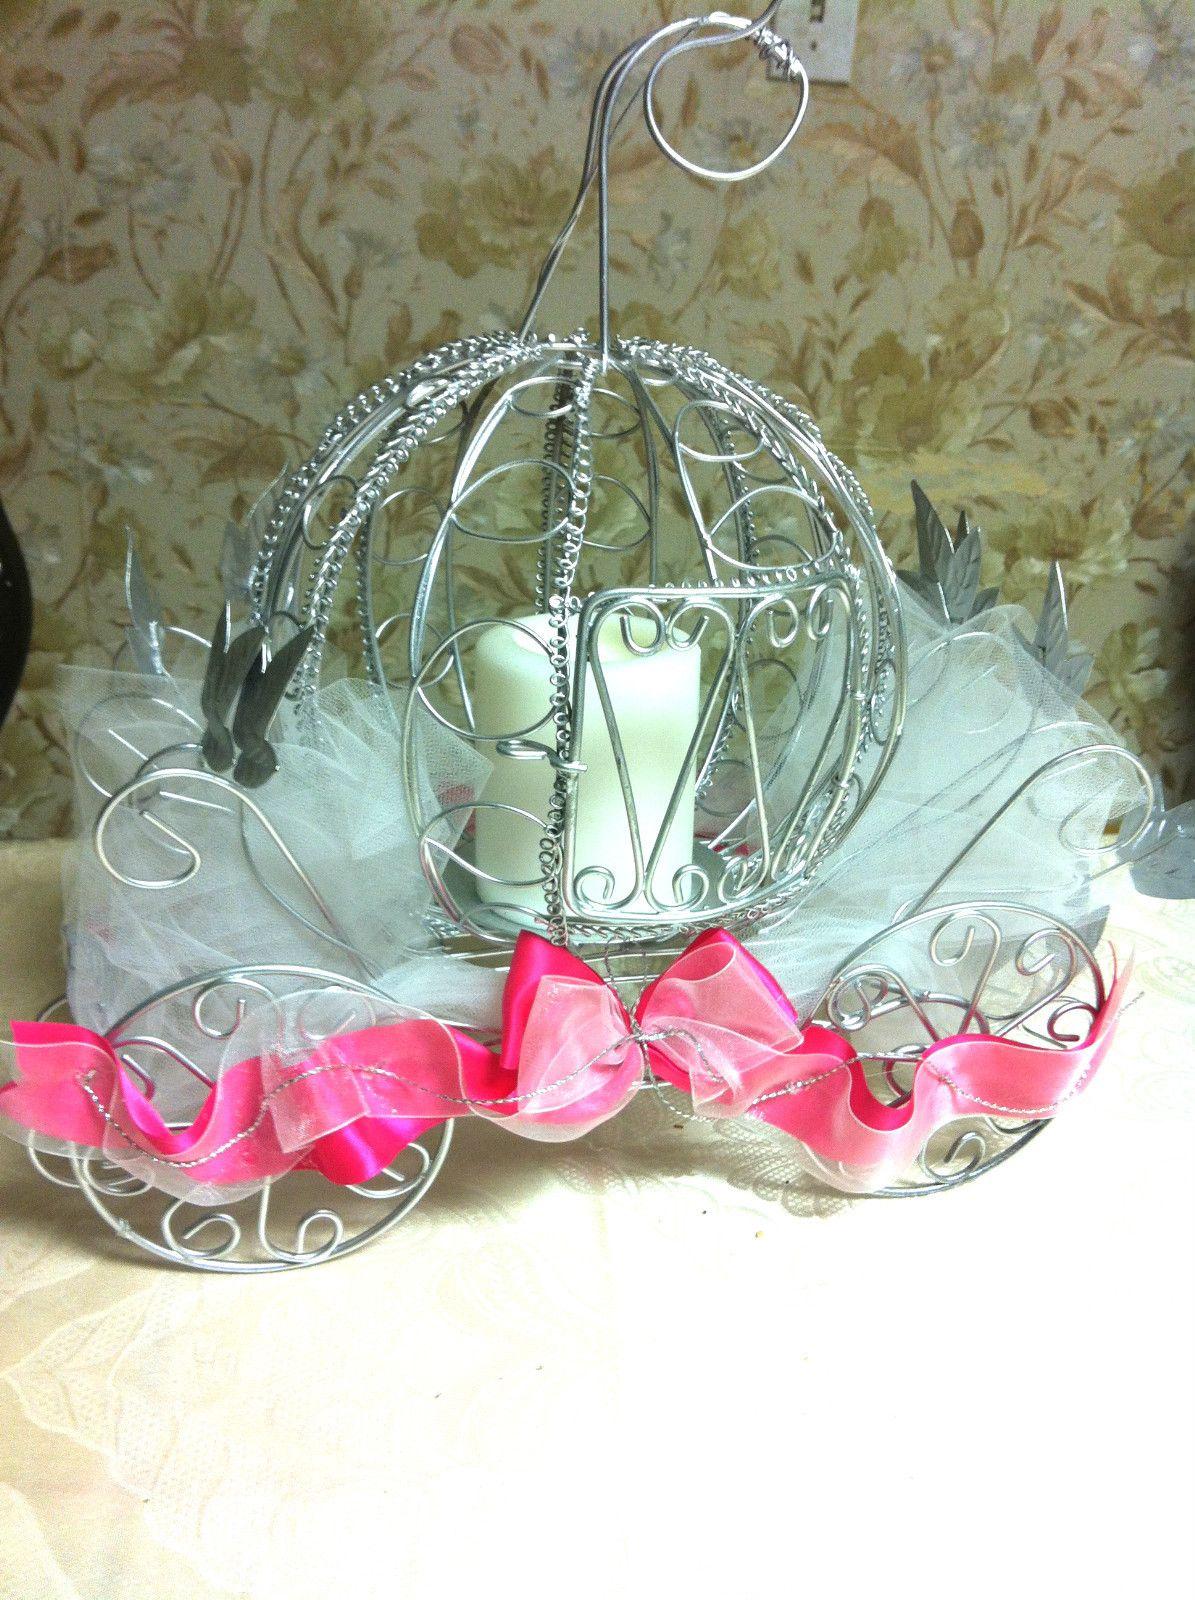 Cinderella Coach Centerpiece Wedding Pinterest Centerpieces